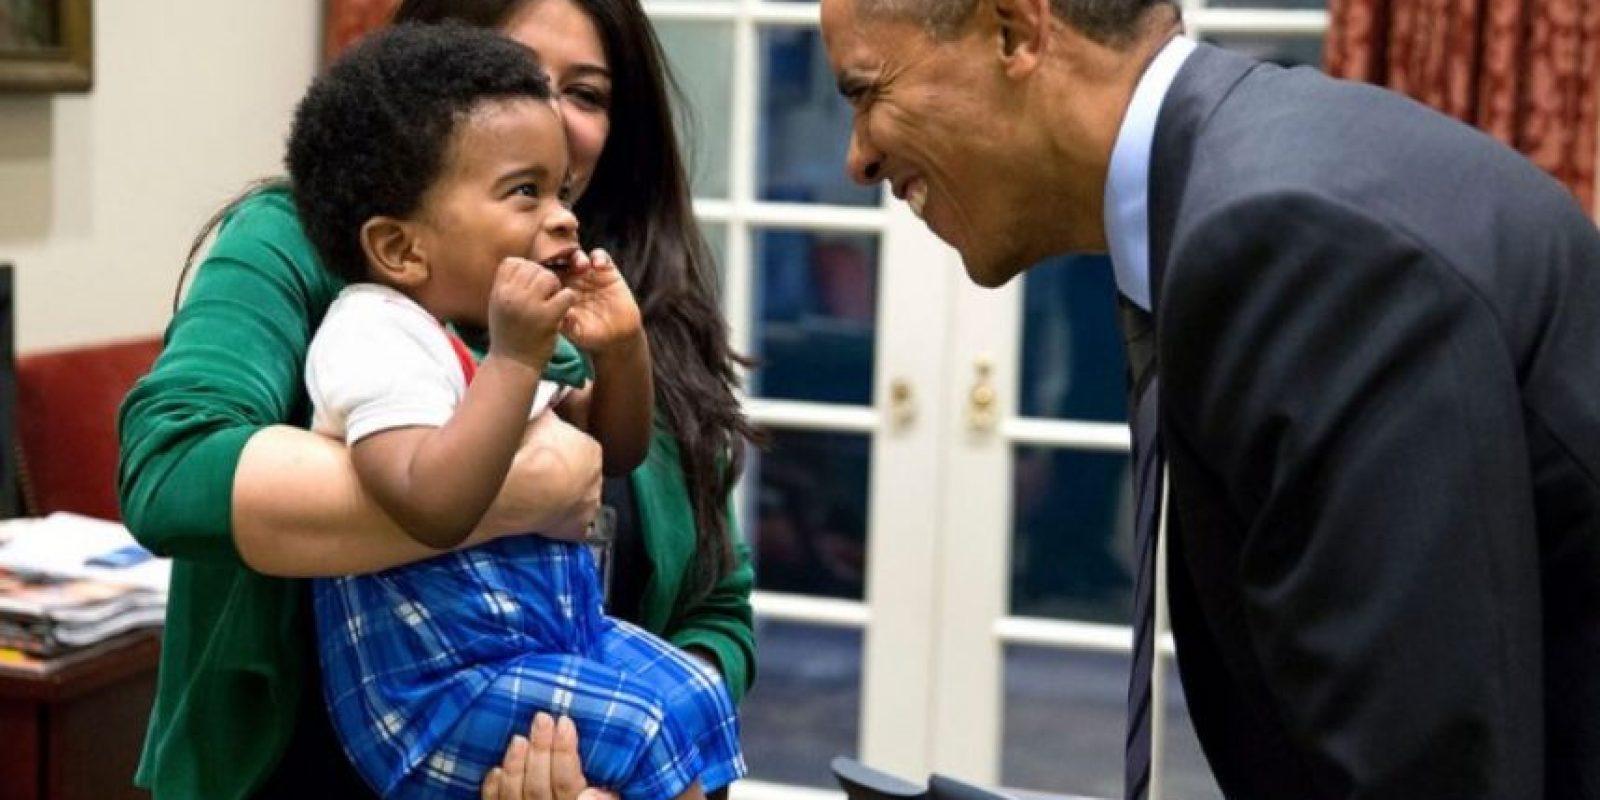 El presidente siempre quiere hacer reir a los más chicos. Foto:Vía whitehouse.gov/photos